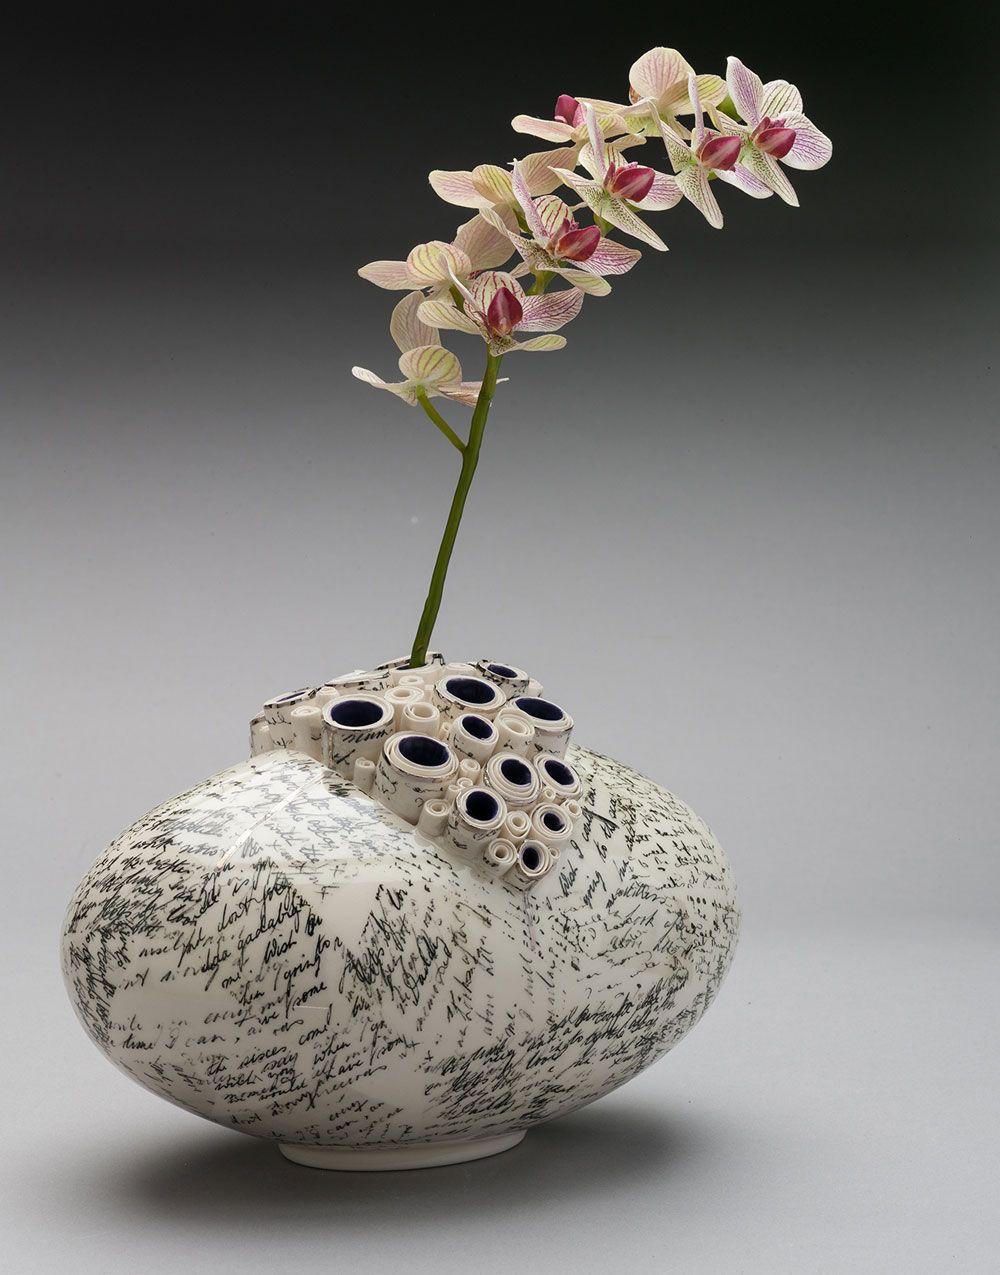 Ann Povey